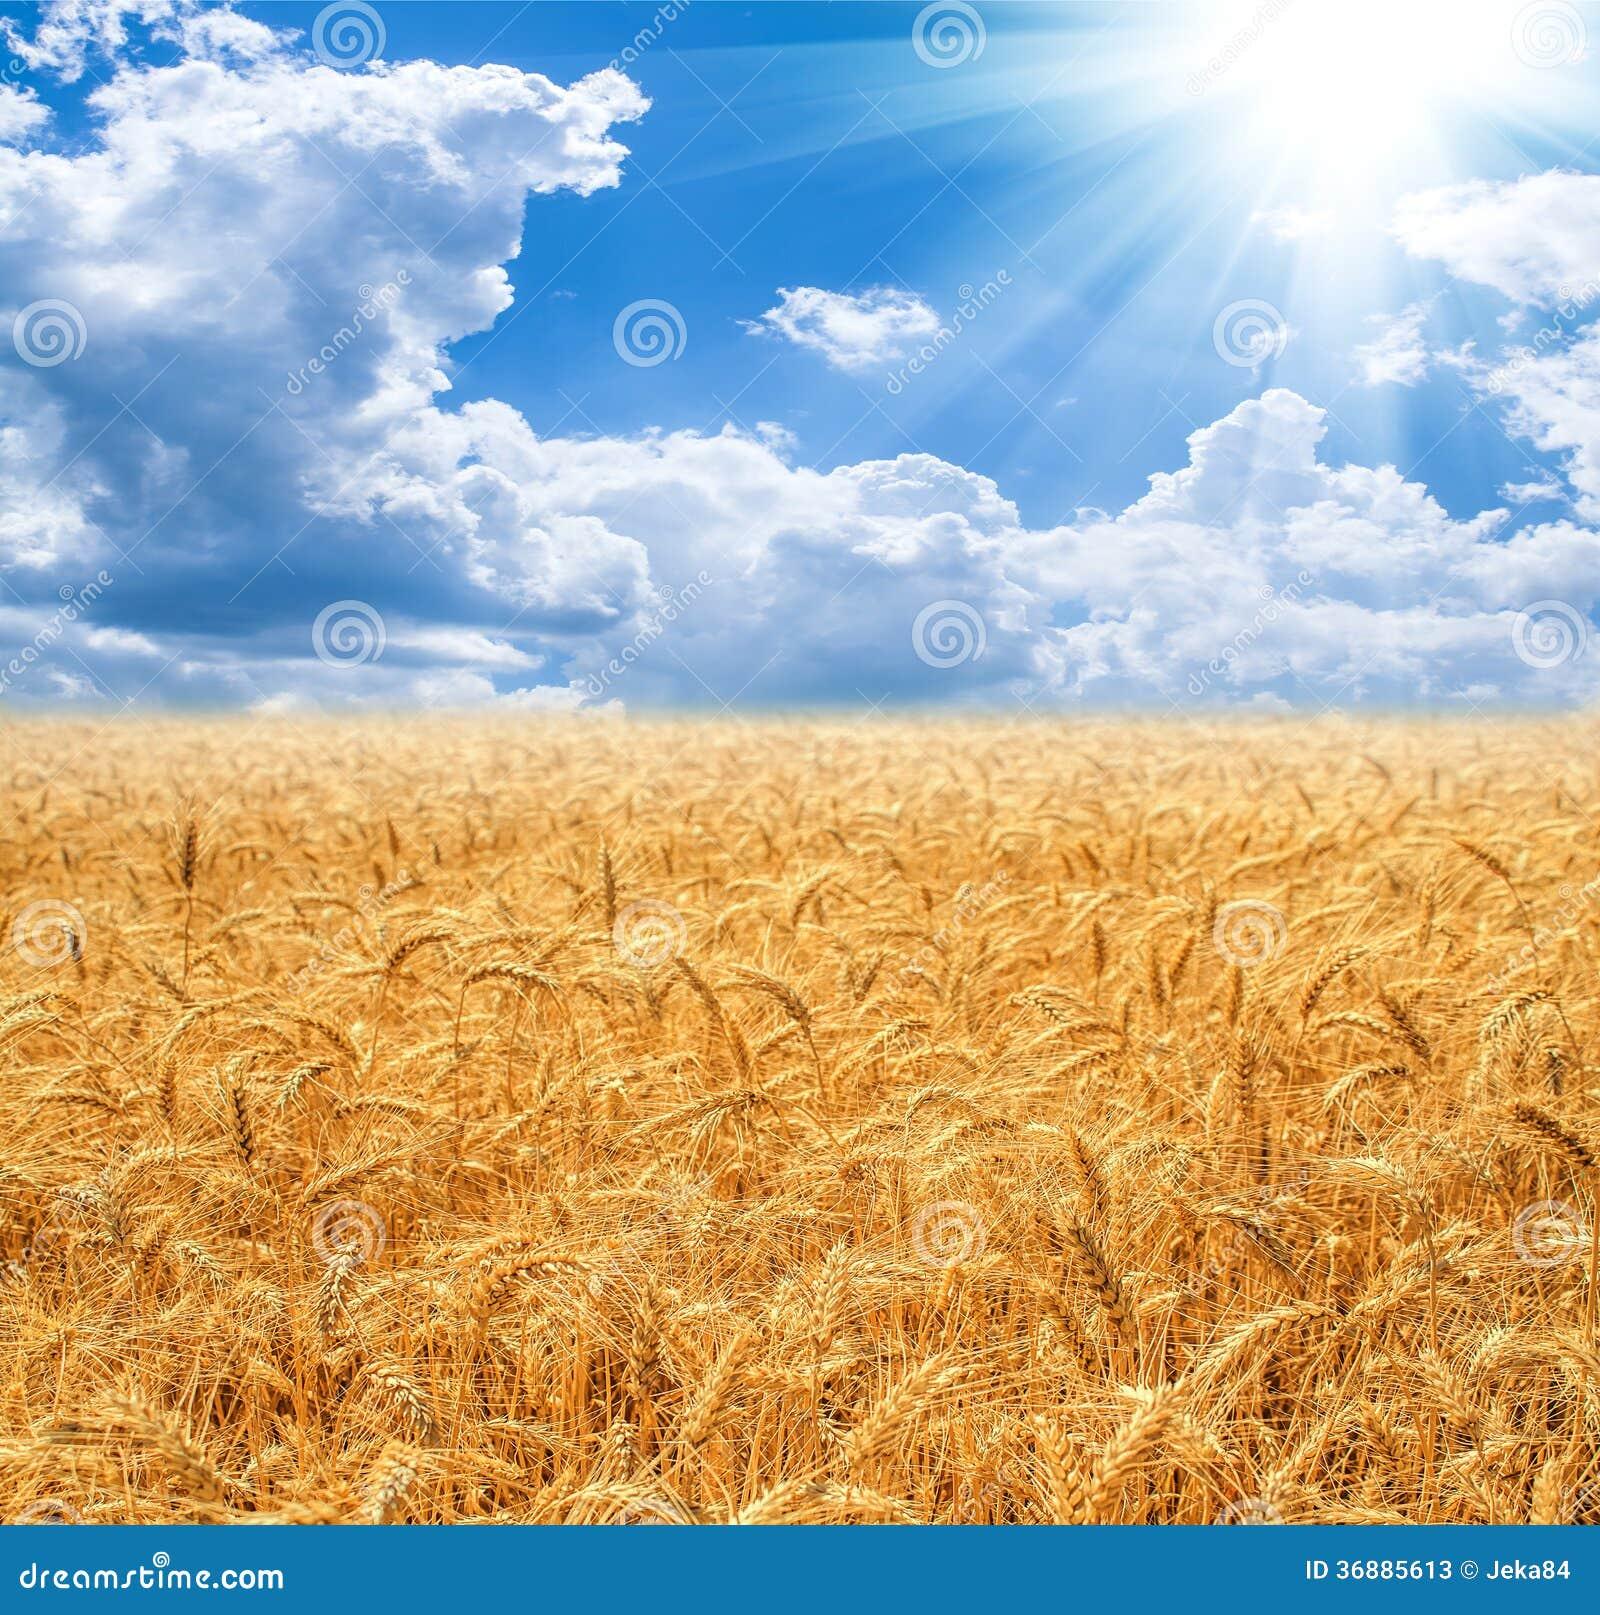 Download Giacimento di grano immagine stock. Immagine di segale - 36885613